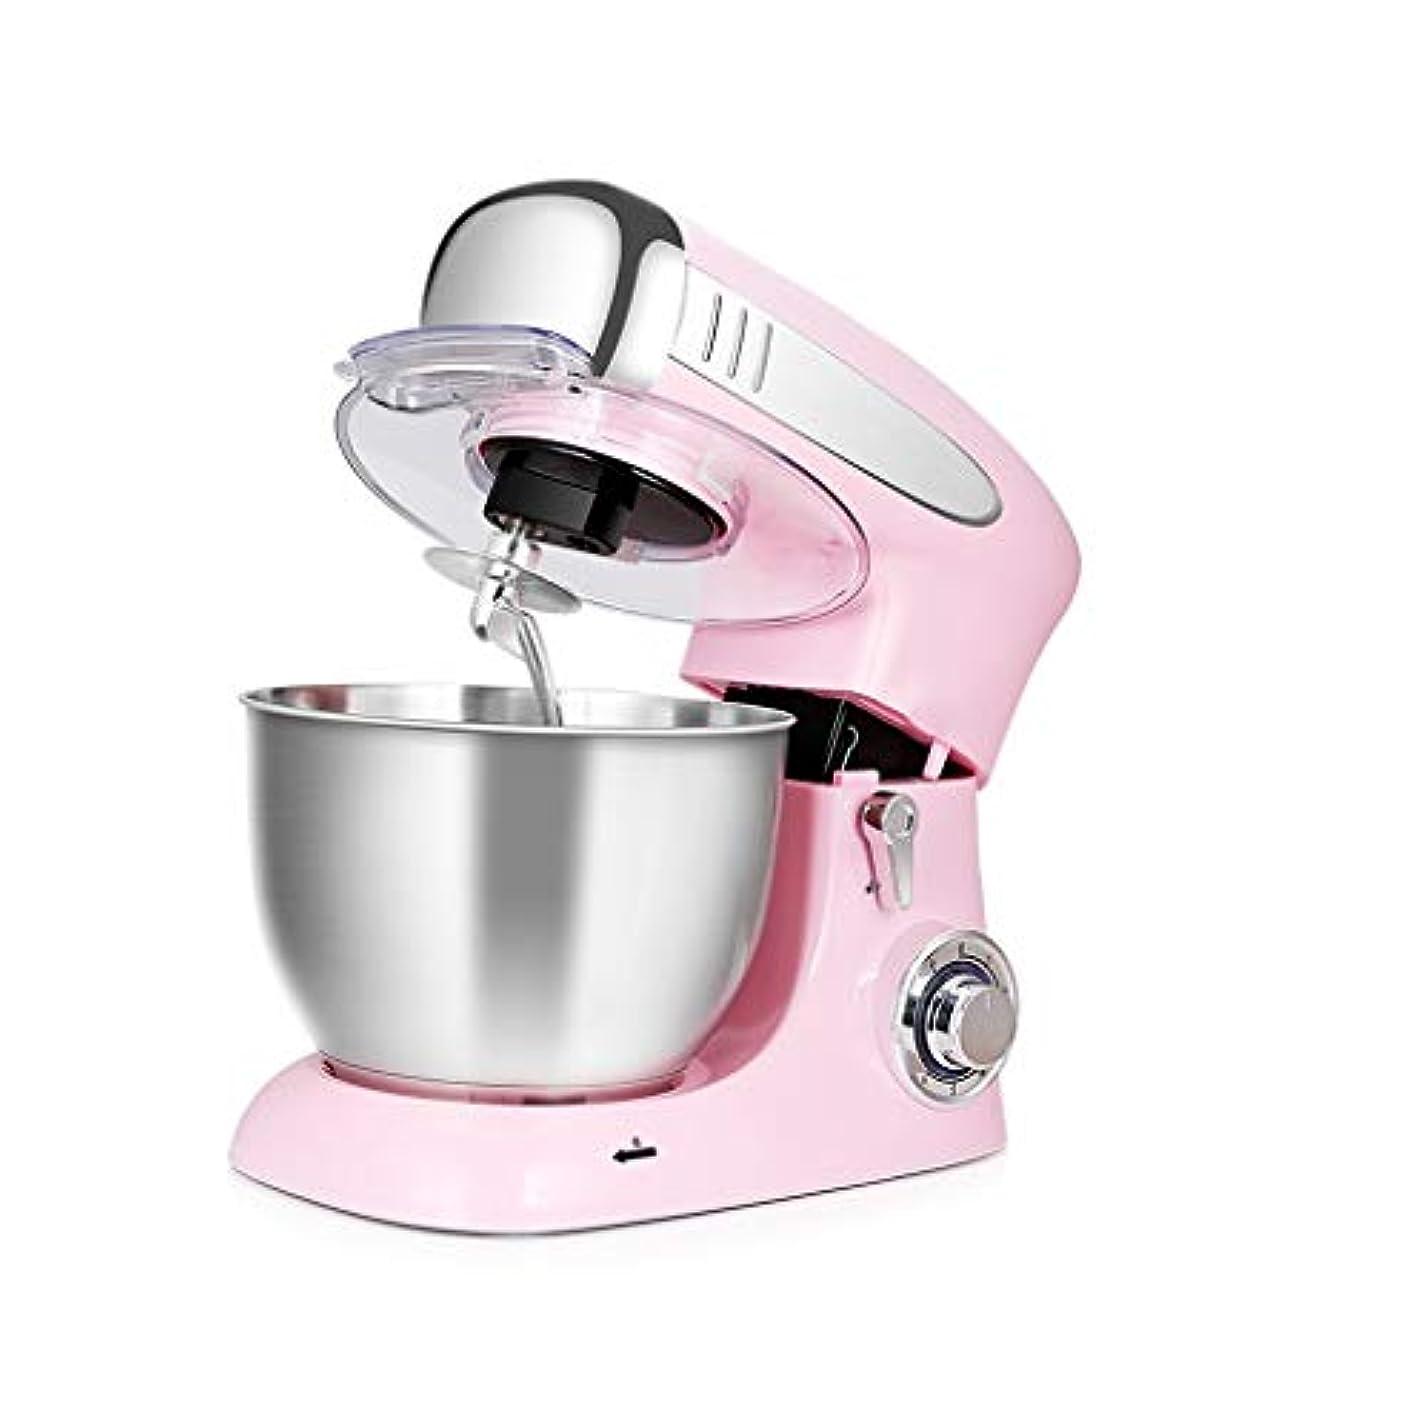 ヒステリック倫理的酸度XXDTG ピンクの縦型ミキサー、ミキサーフードプロセッサー混練ケーキパン生地フックエッグビーター